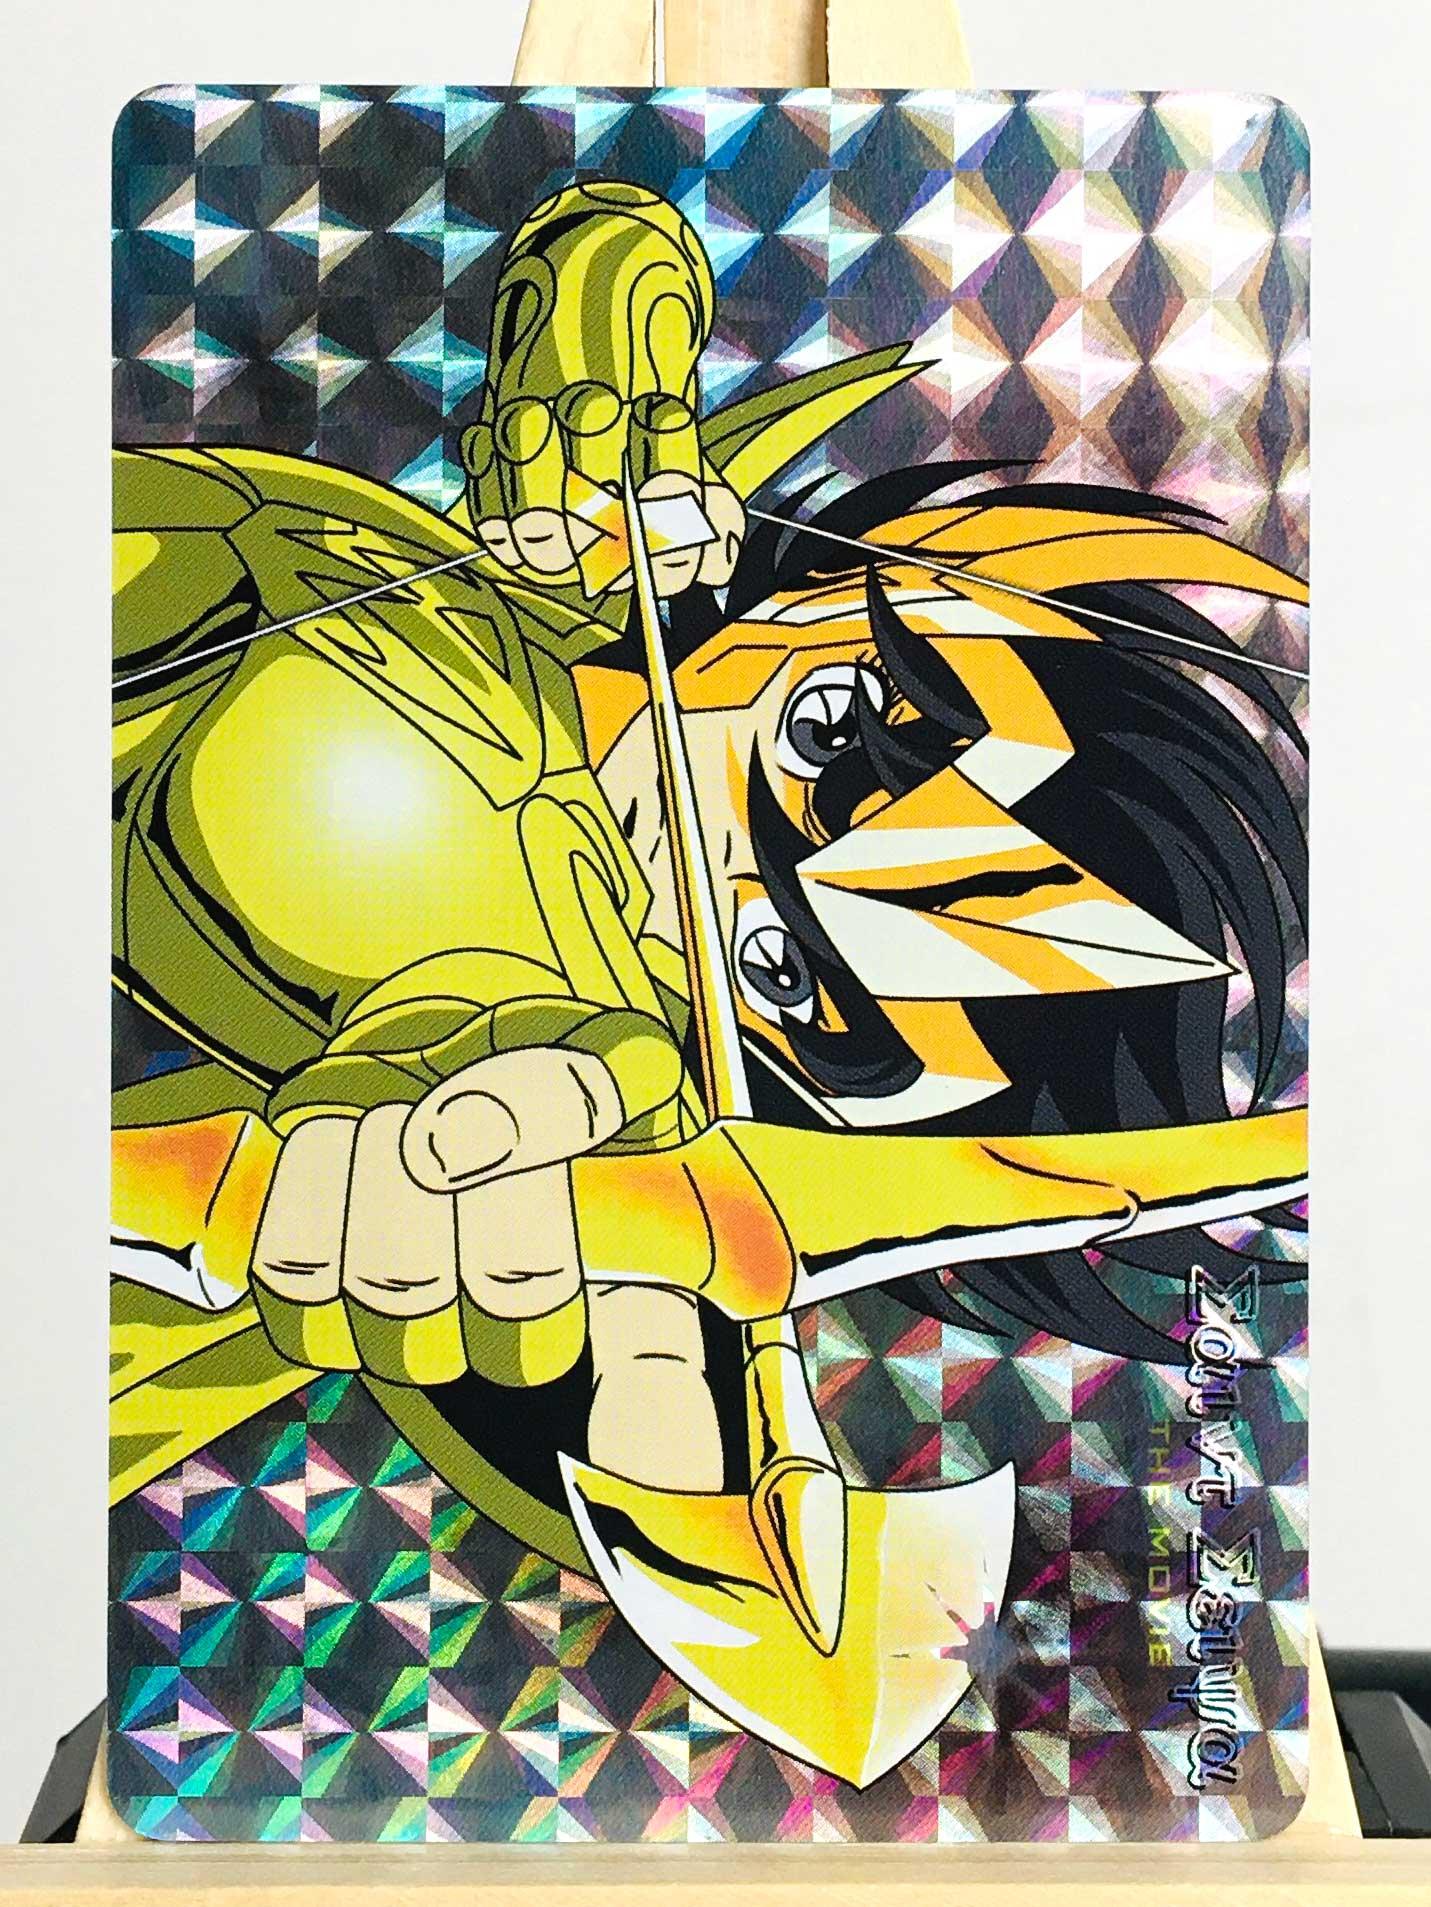 圣斗士星矢 DIY格子闪卡 射手座黄金圣斗士 编号S-4